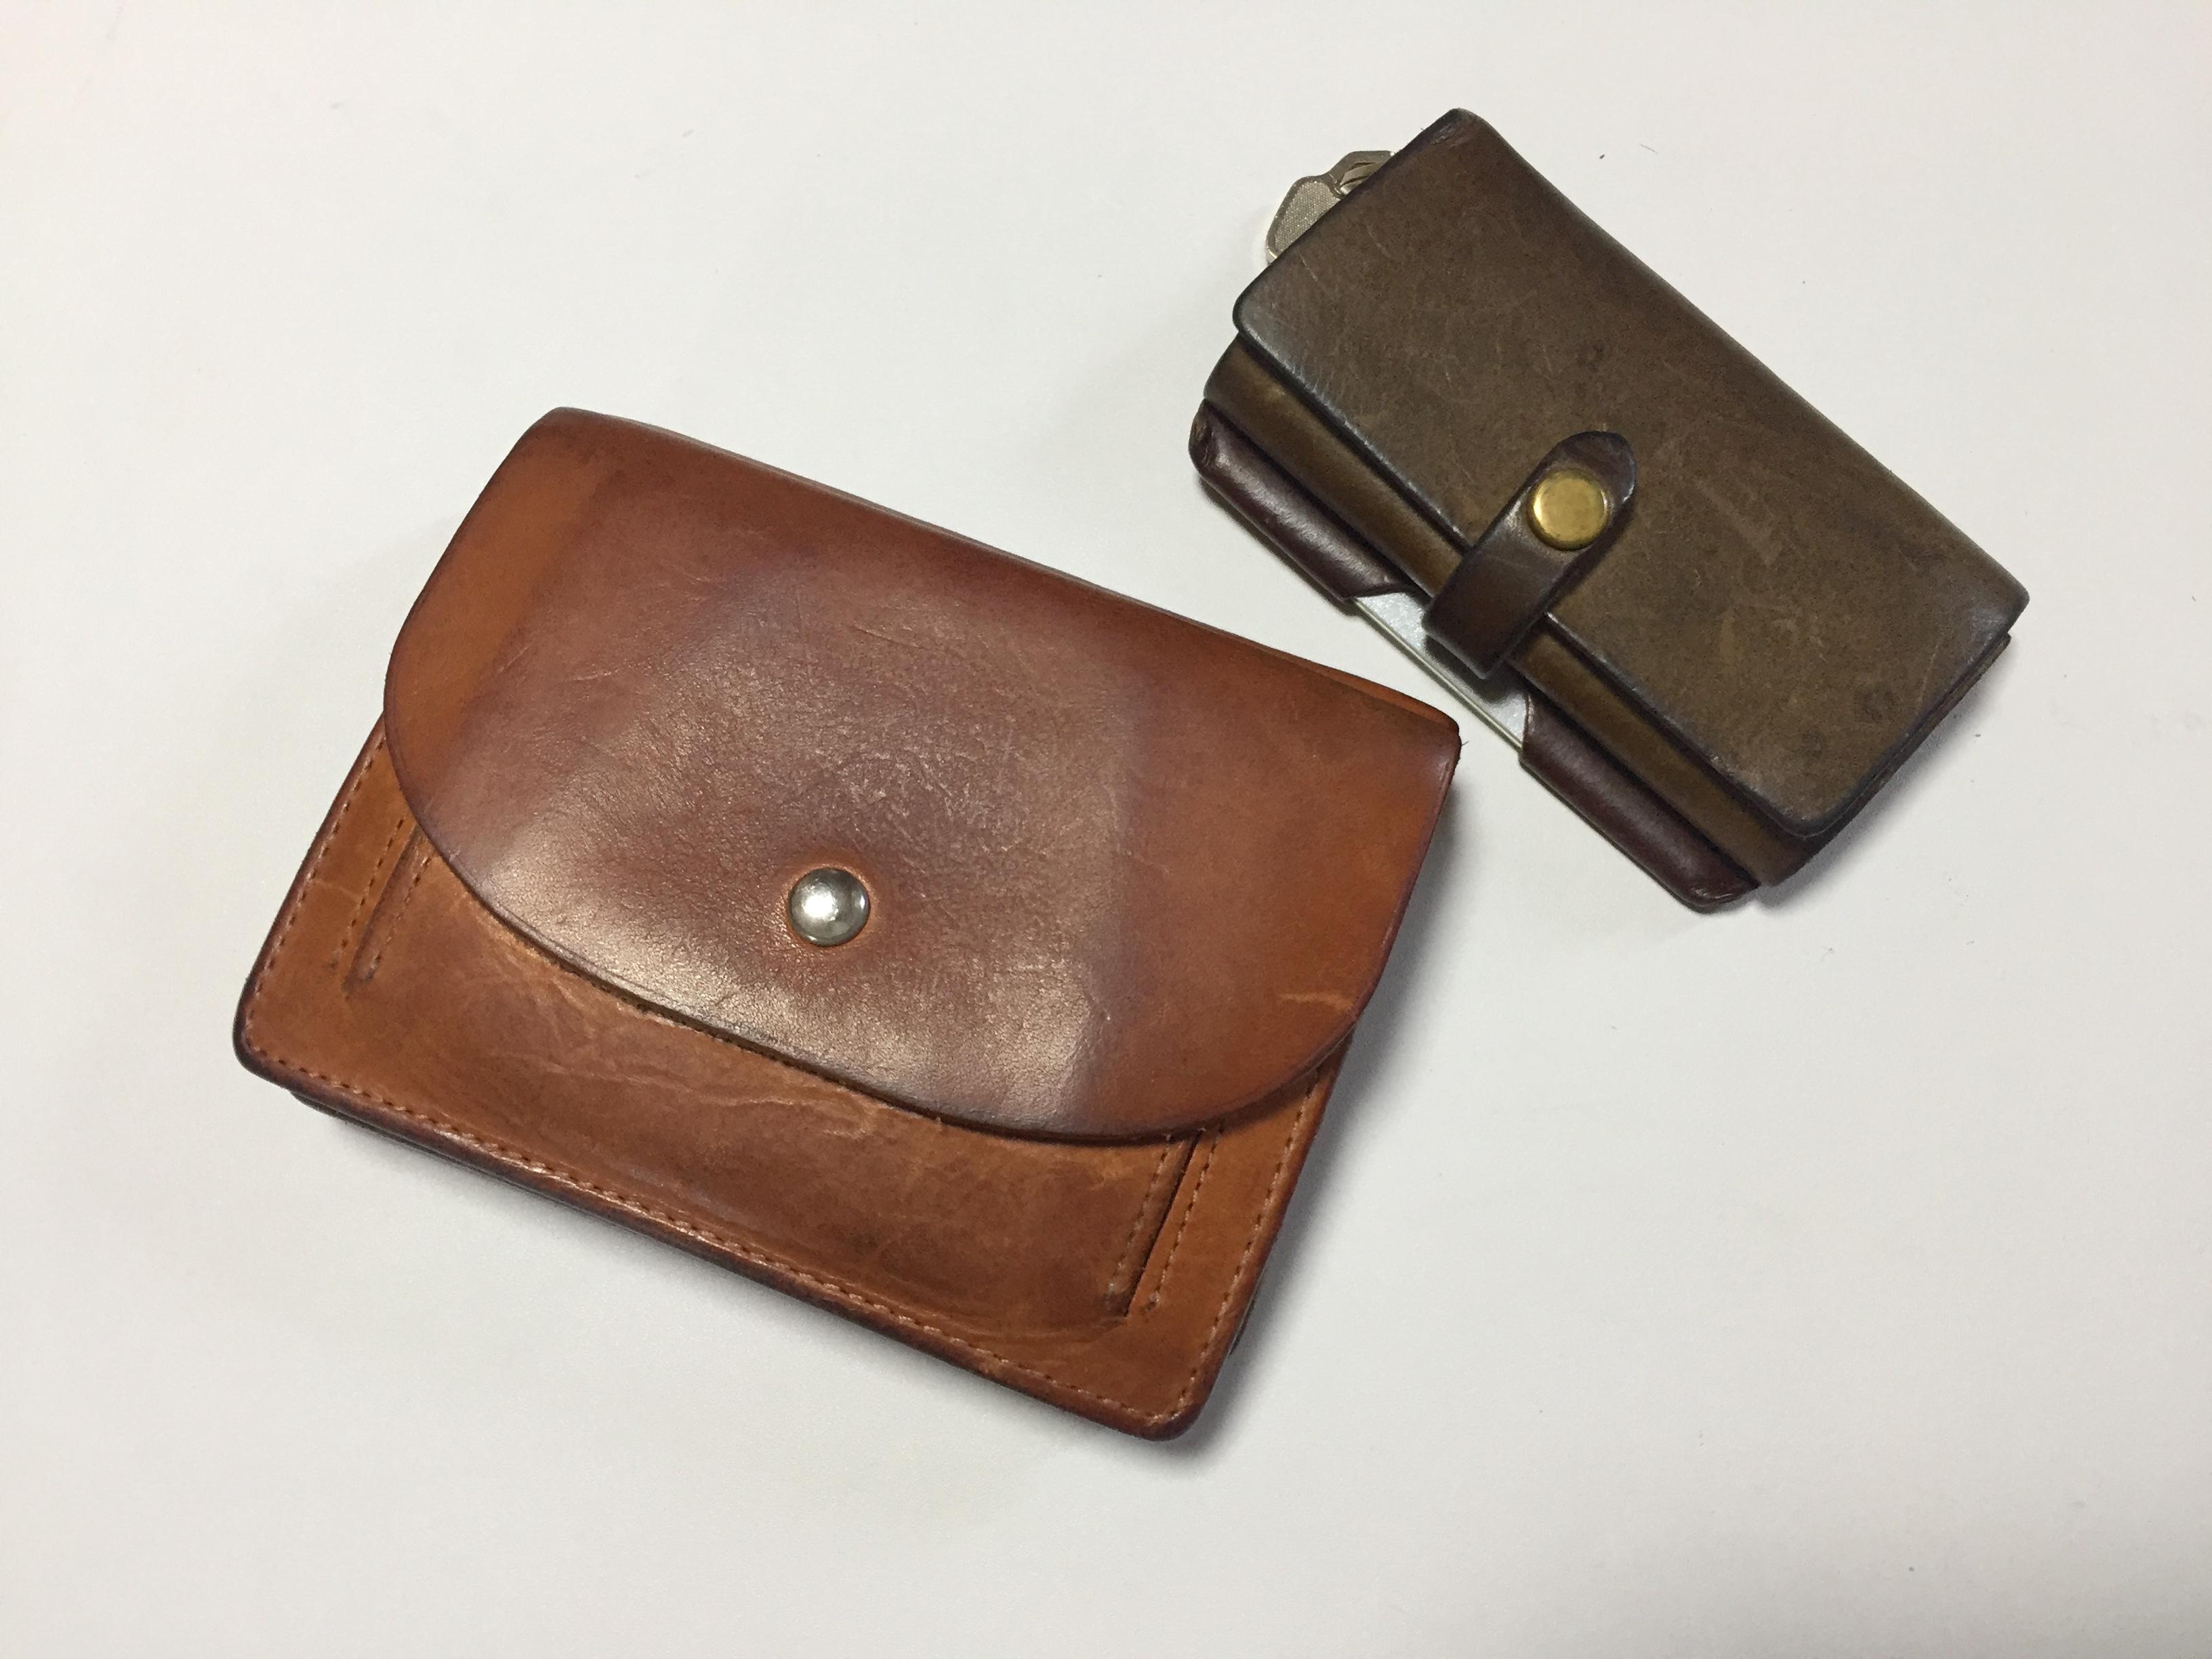 ミニマリストだけど、財布はあえて2個持ち派